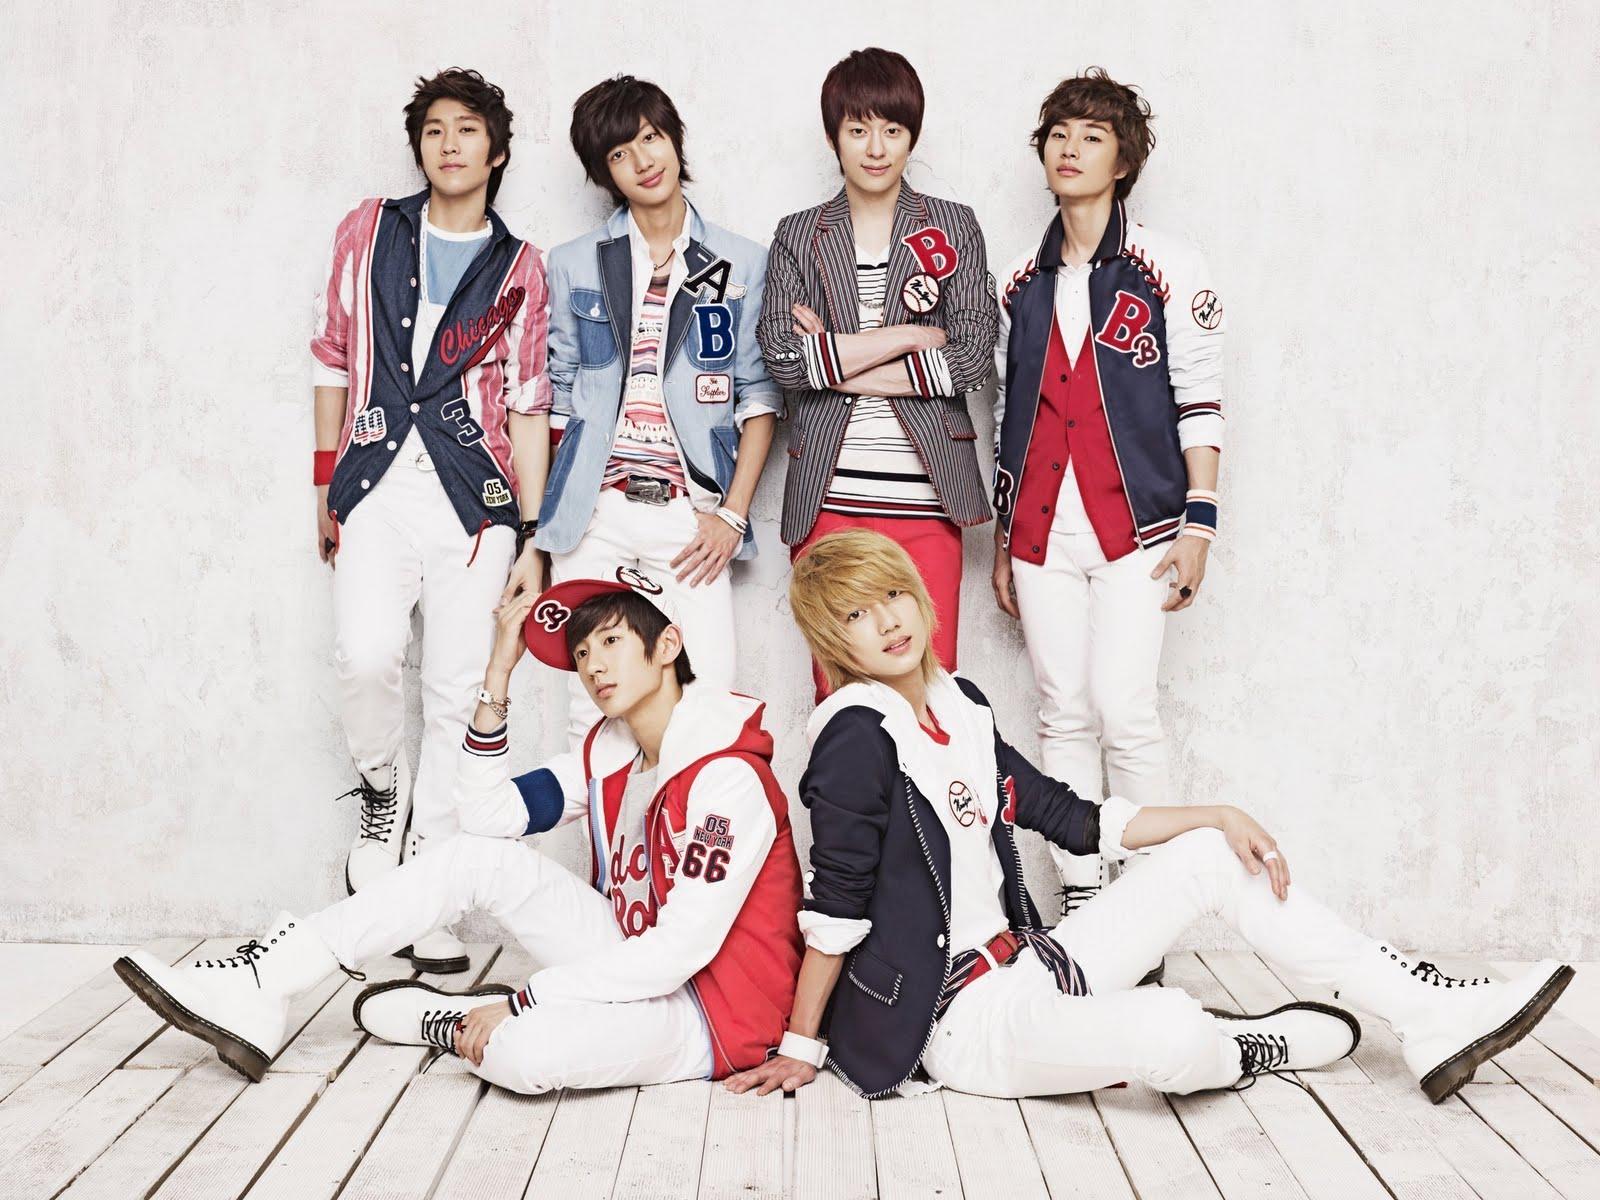 http://1.bp.blogspot.com/-VTqOa-z6s7Q/TgT3IRm0ZJI/AAAAAAAABLk/wFUadD_3xOE/s1600/Boyfriend-boyfriend-korean-boy-band-22580645-2048-1536.jpg